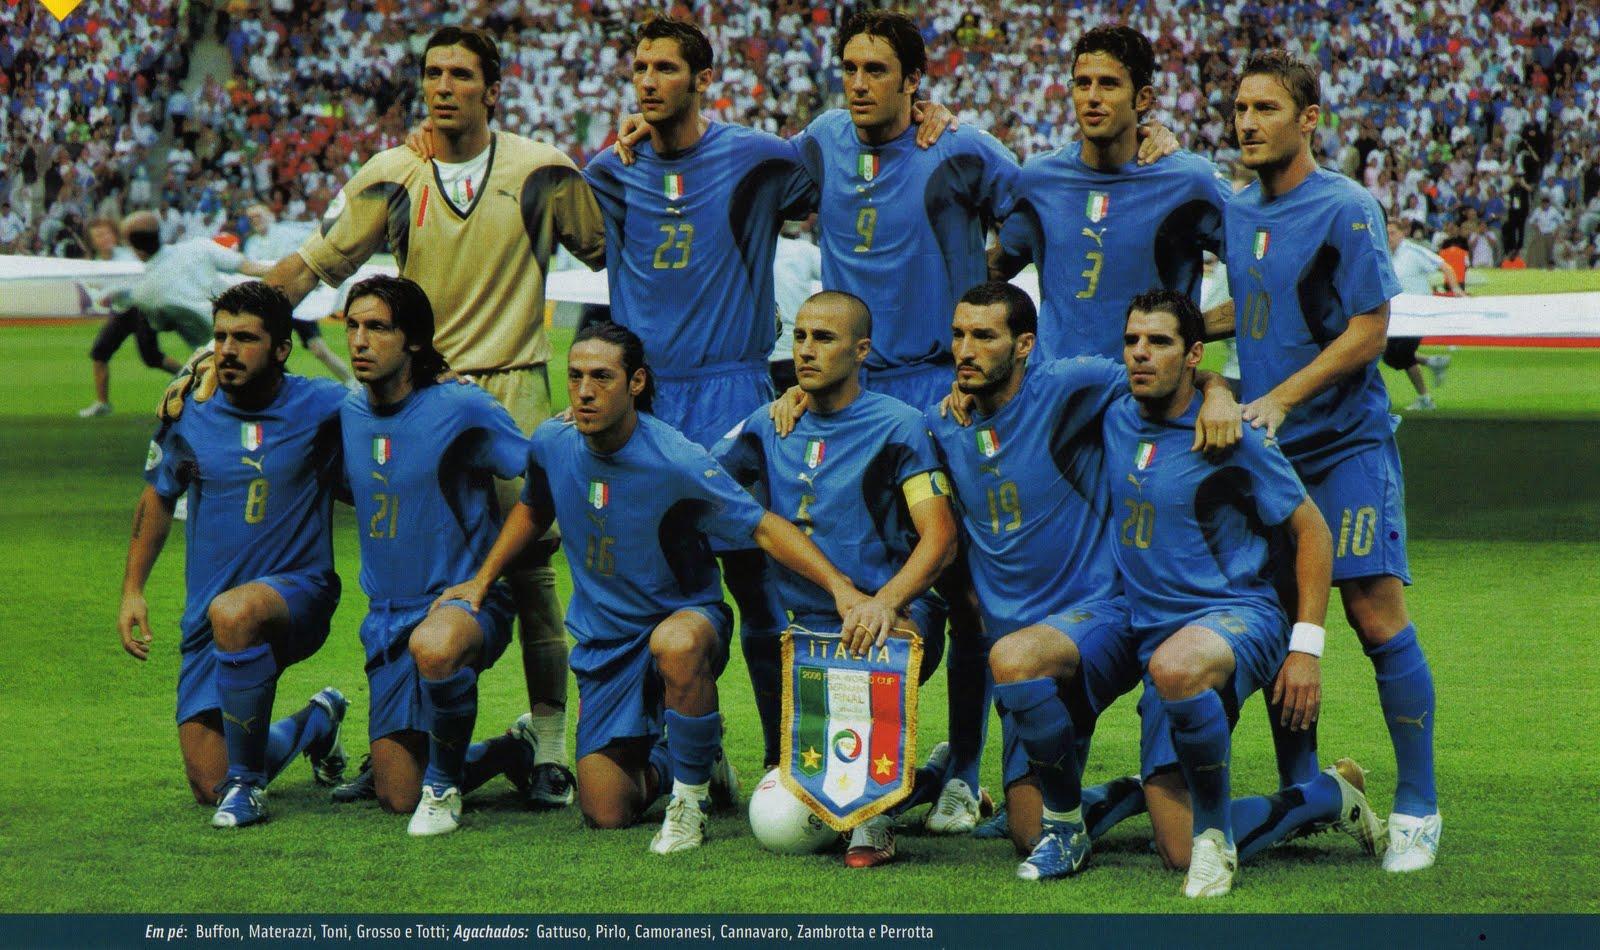 Seleções Imortais – Itália 2006 - Imortais do Futebol e544b9efdd477